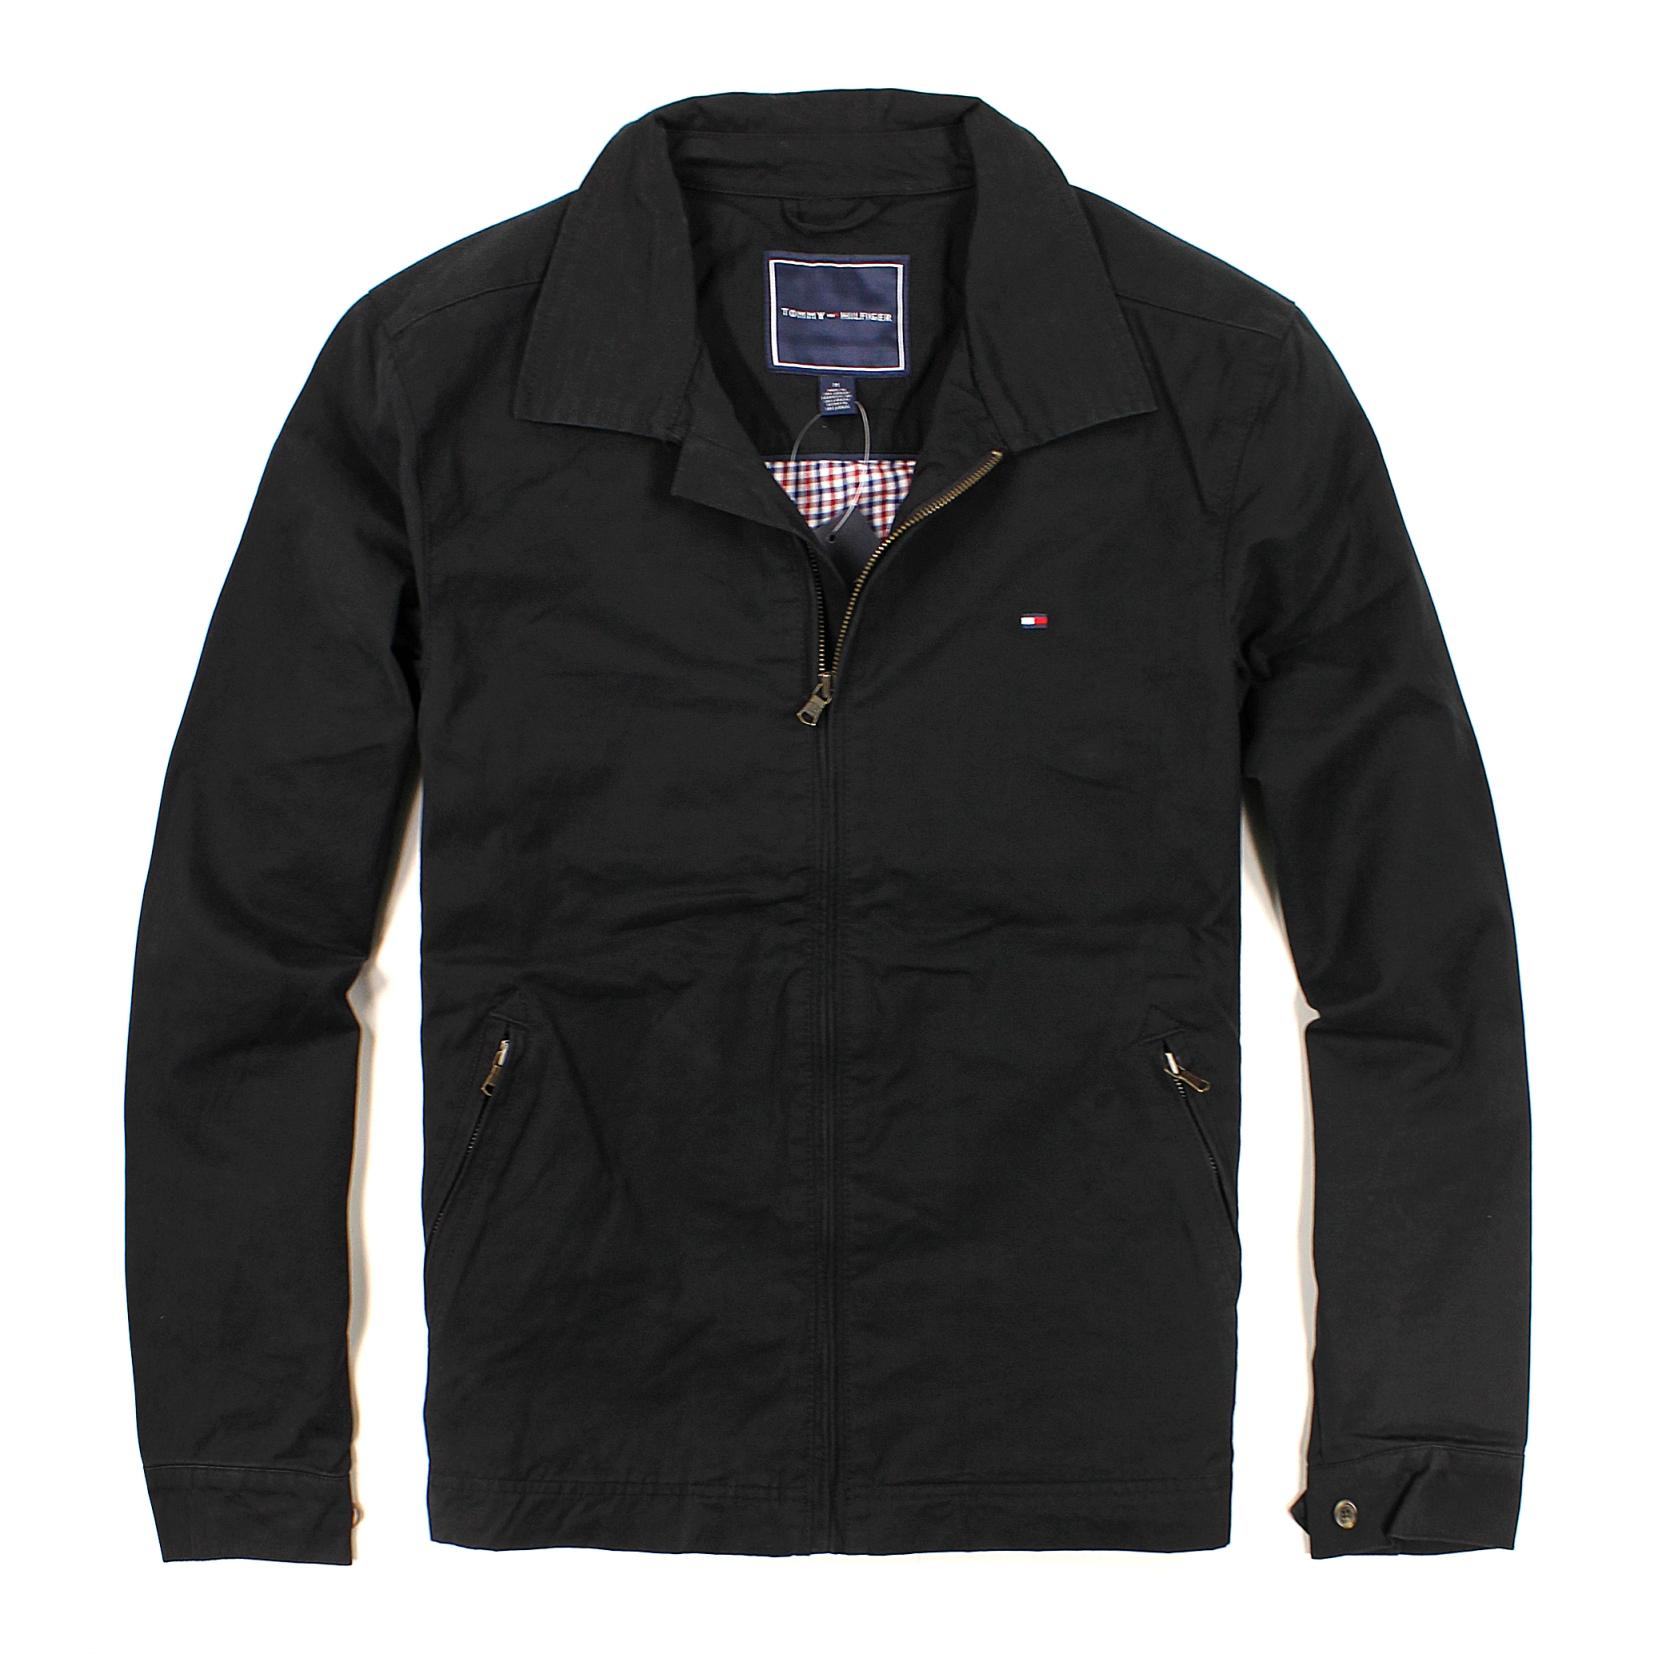 美國百分百【全新真品】Tommy Hilfiger 外套 TH 夾克 立領 黑色 素面 男衣 硬挺 帥氣 經典 B997